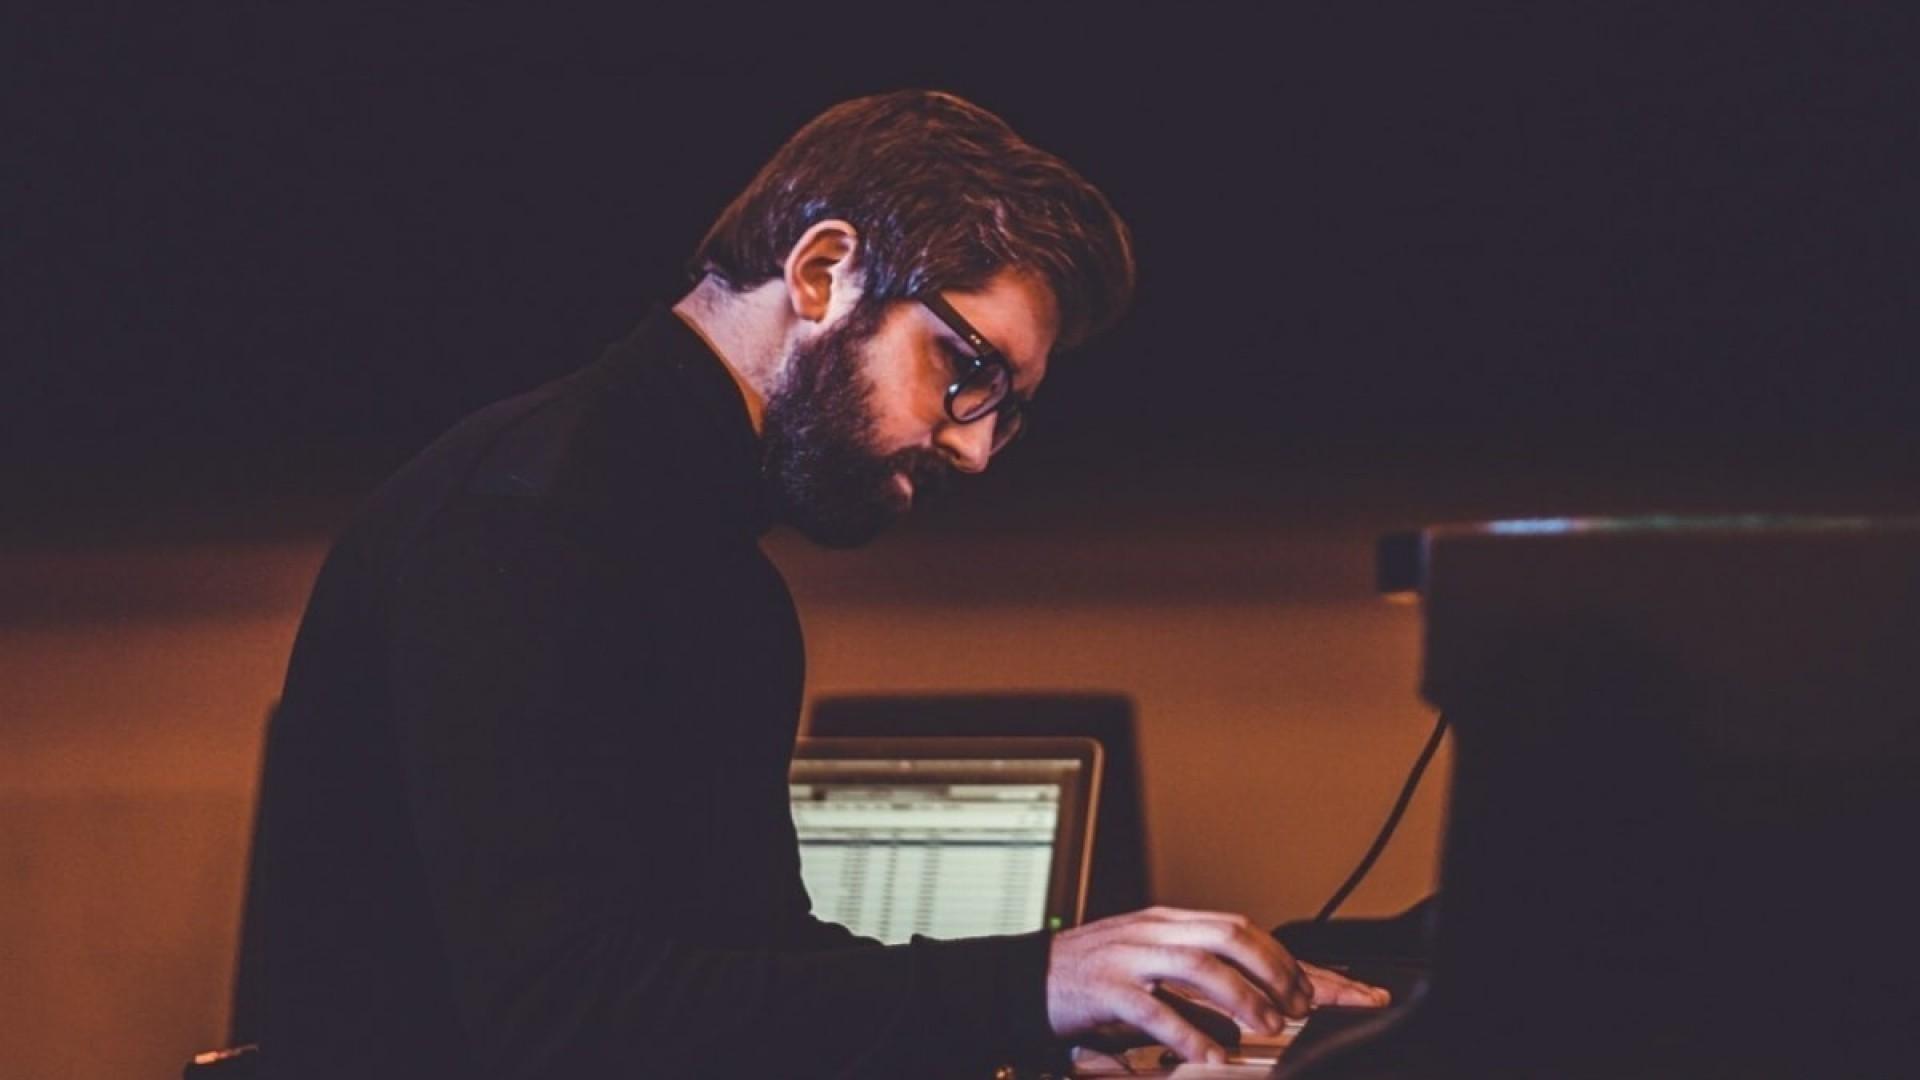 10 минут расслабляющей музыки от Миши Мищенко